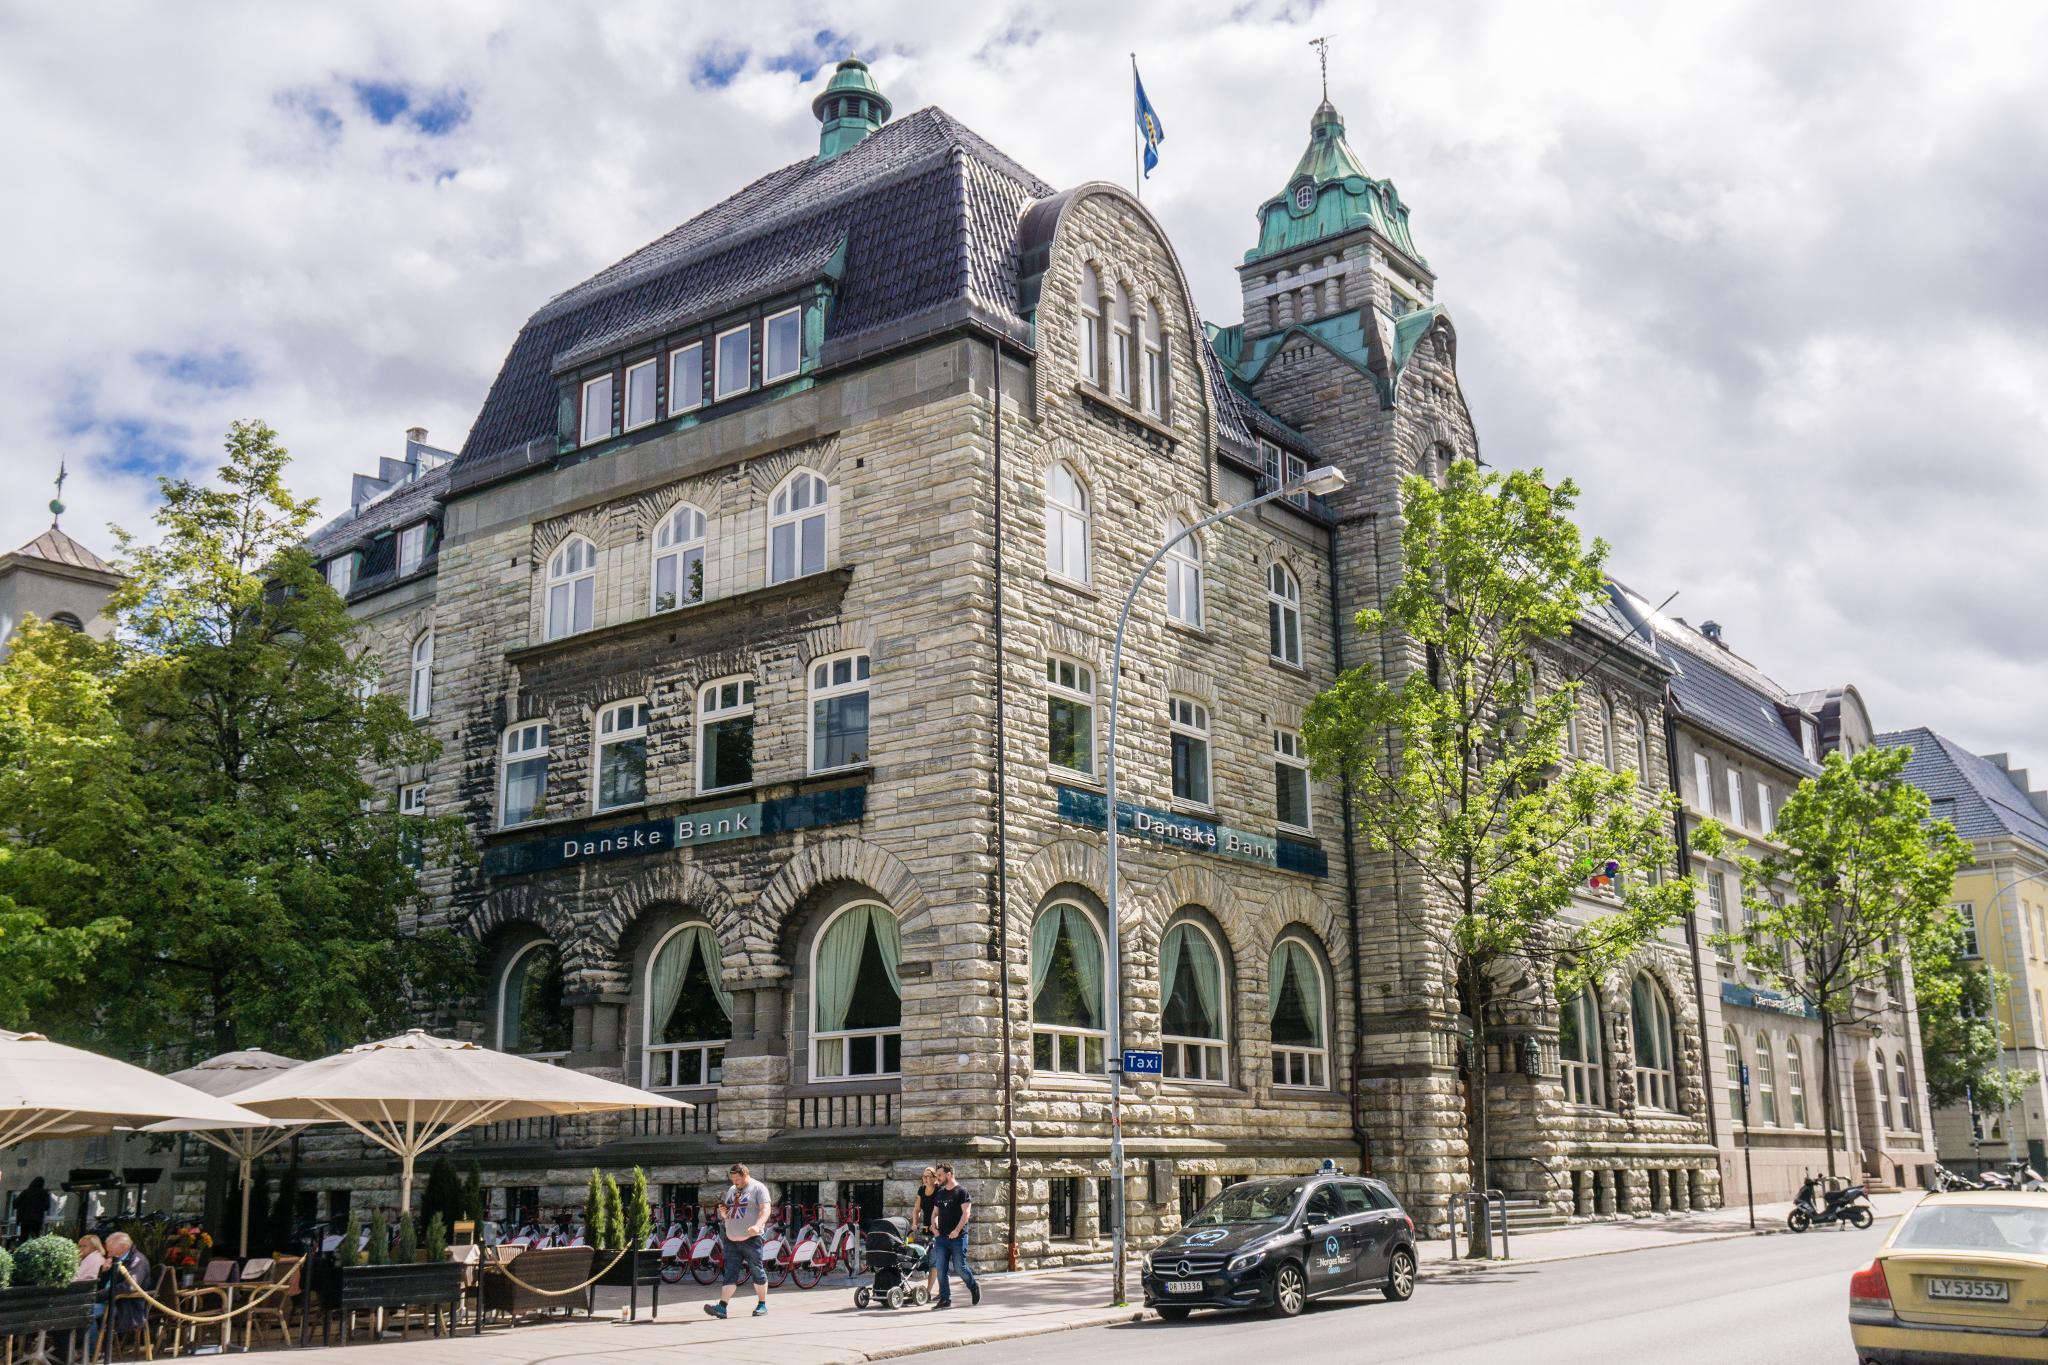 【北歐景點】拜訪維京王的千年古城 - Trondheim 特隆赫姆景點懶人包 36